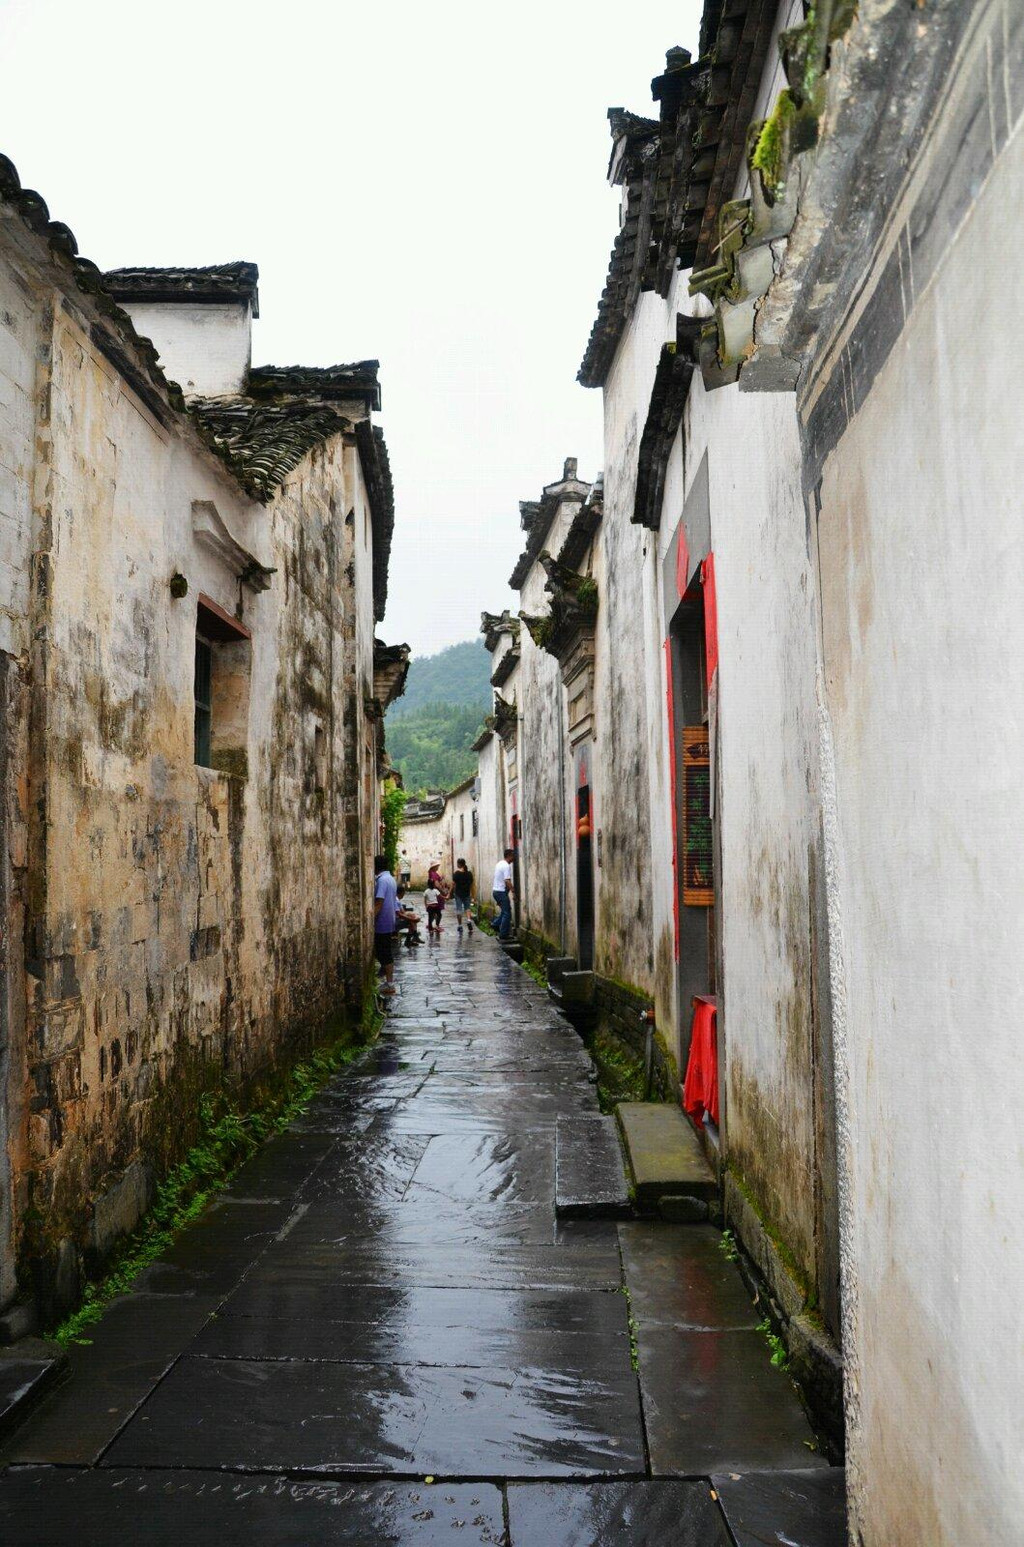 壁纸 风景 古镇 建筑 街道 旅游 摄影 小巷 1024_1547 竖版 竖屏 手机